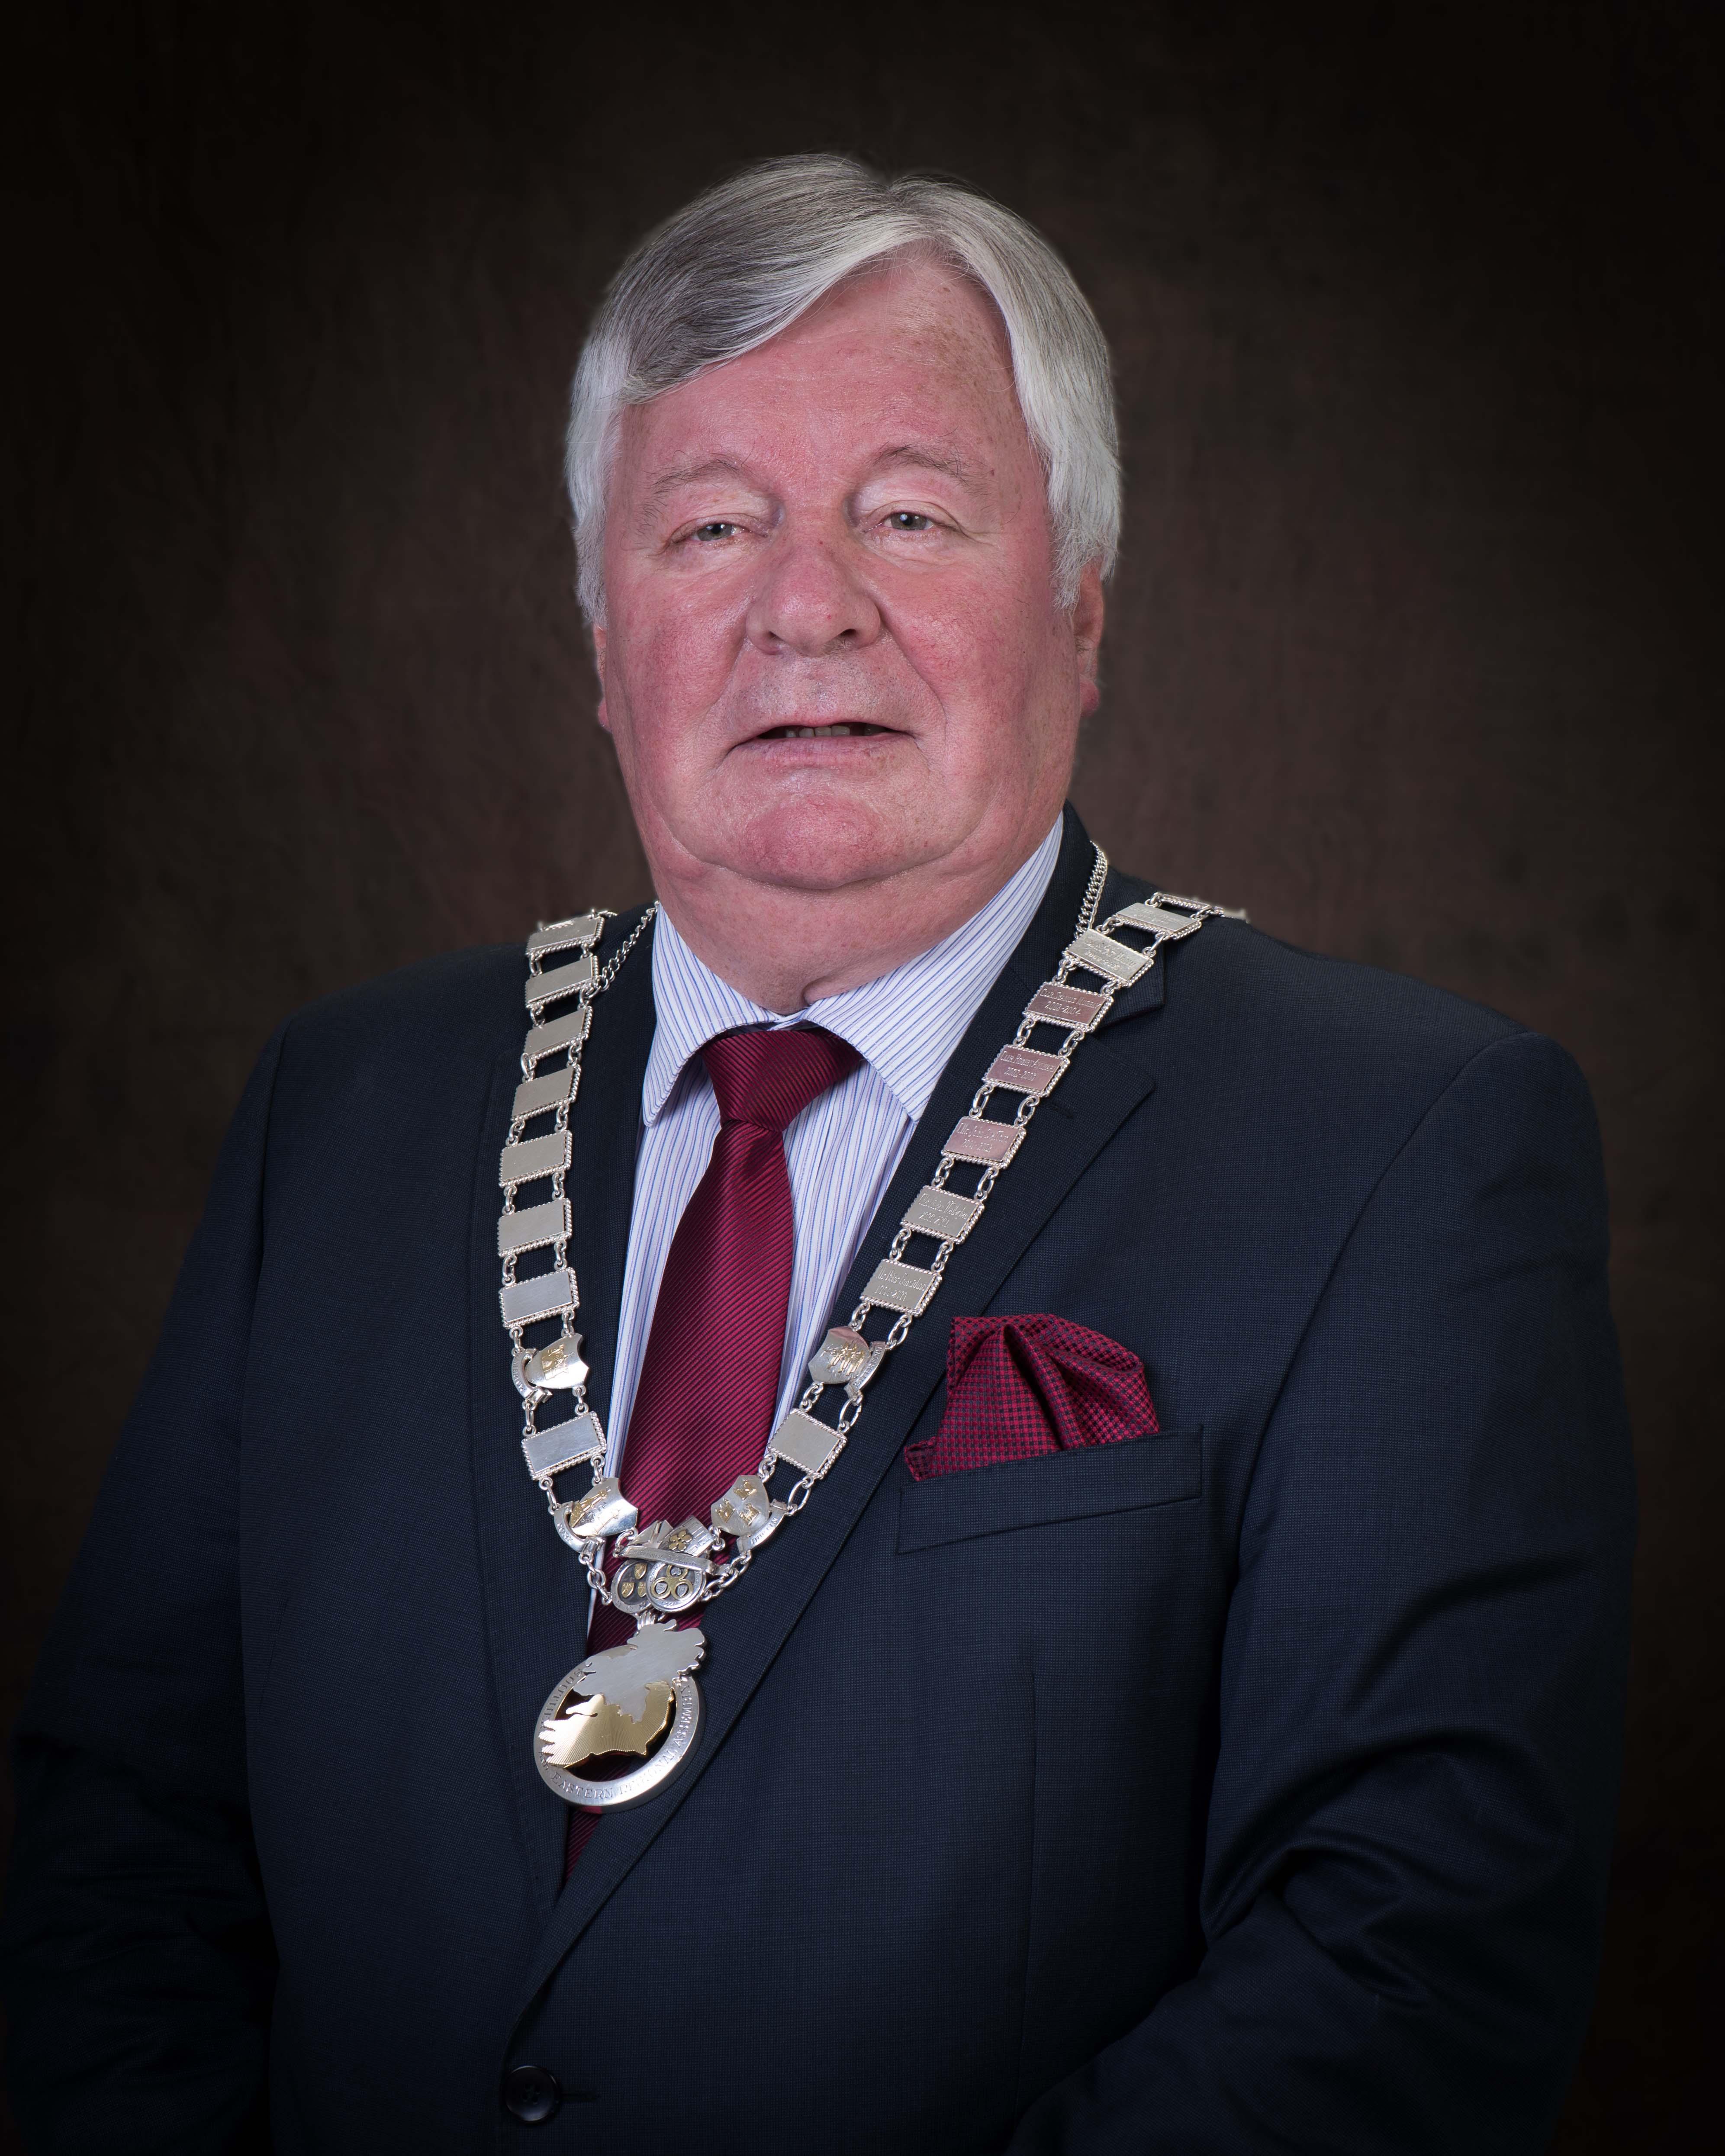 Cllr Joe Carroll, Cathaoirleach